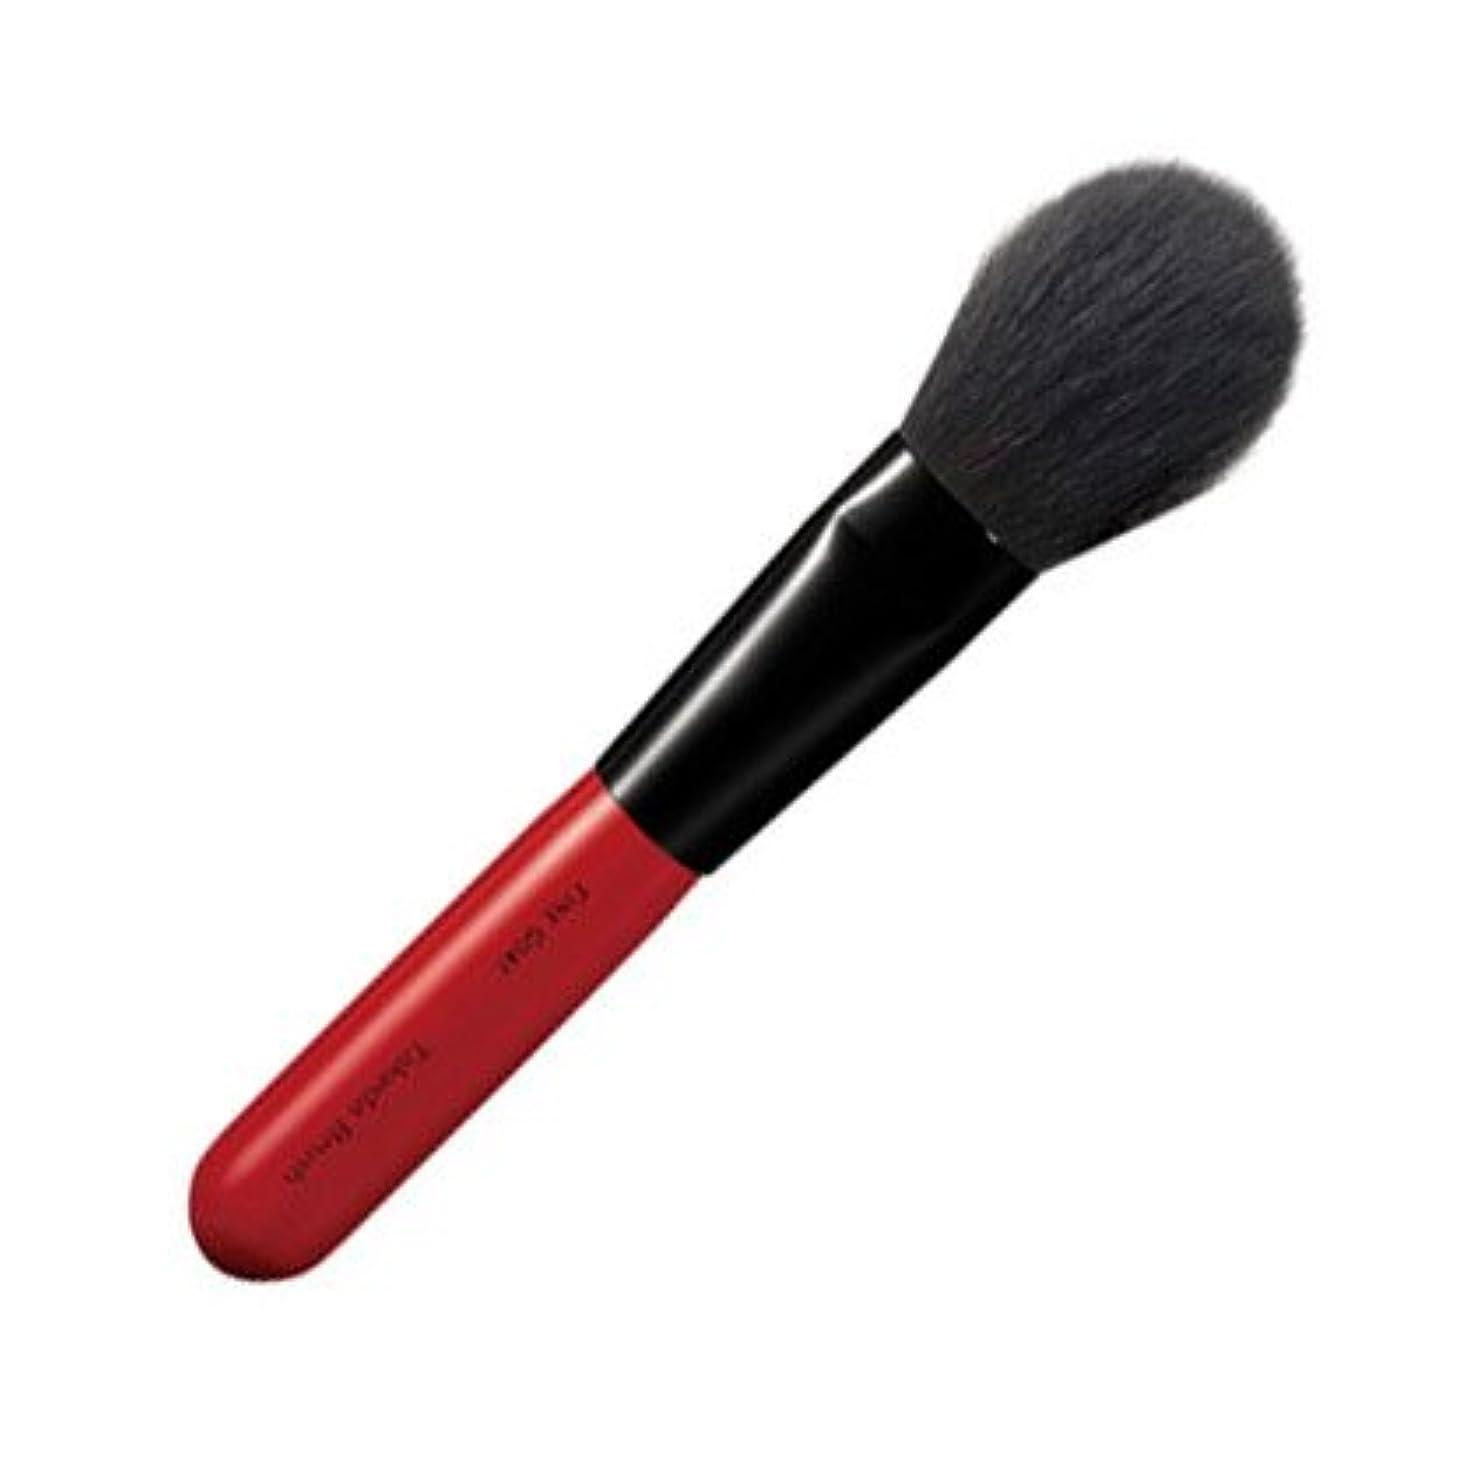 移行する本質的ではないいっぱい熊野化粧筆/竹田ブラシ/チークブラシWF16OV